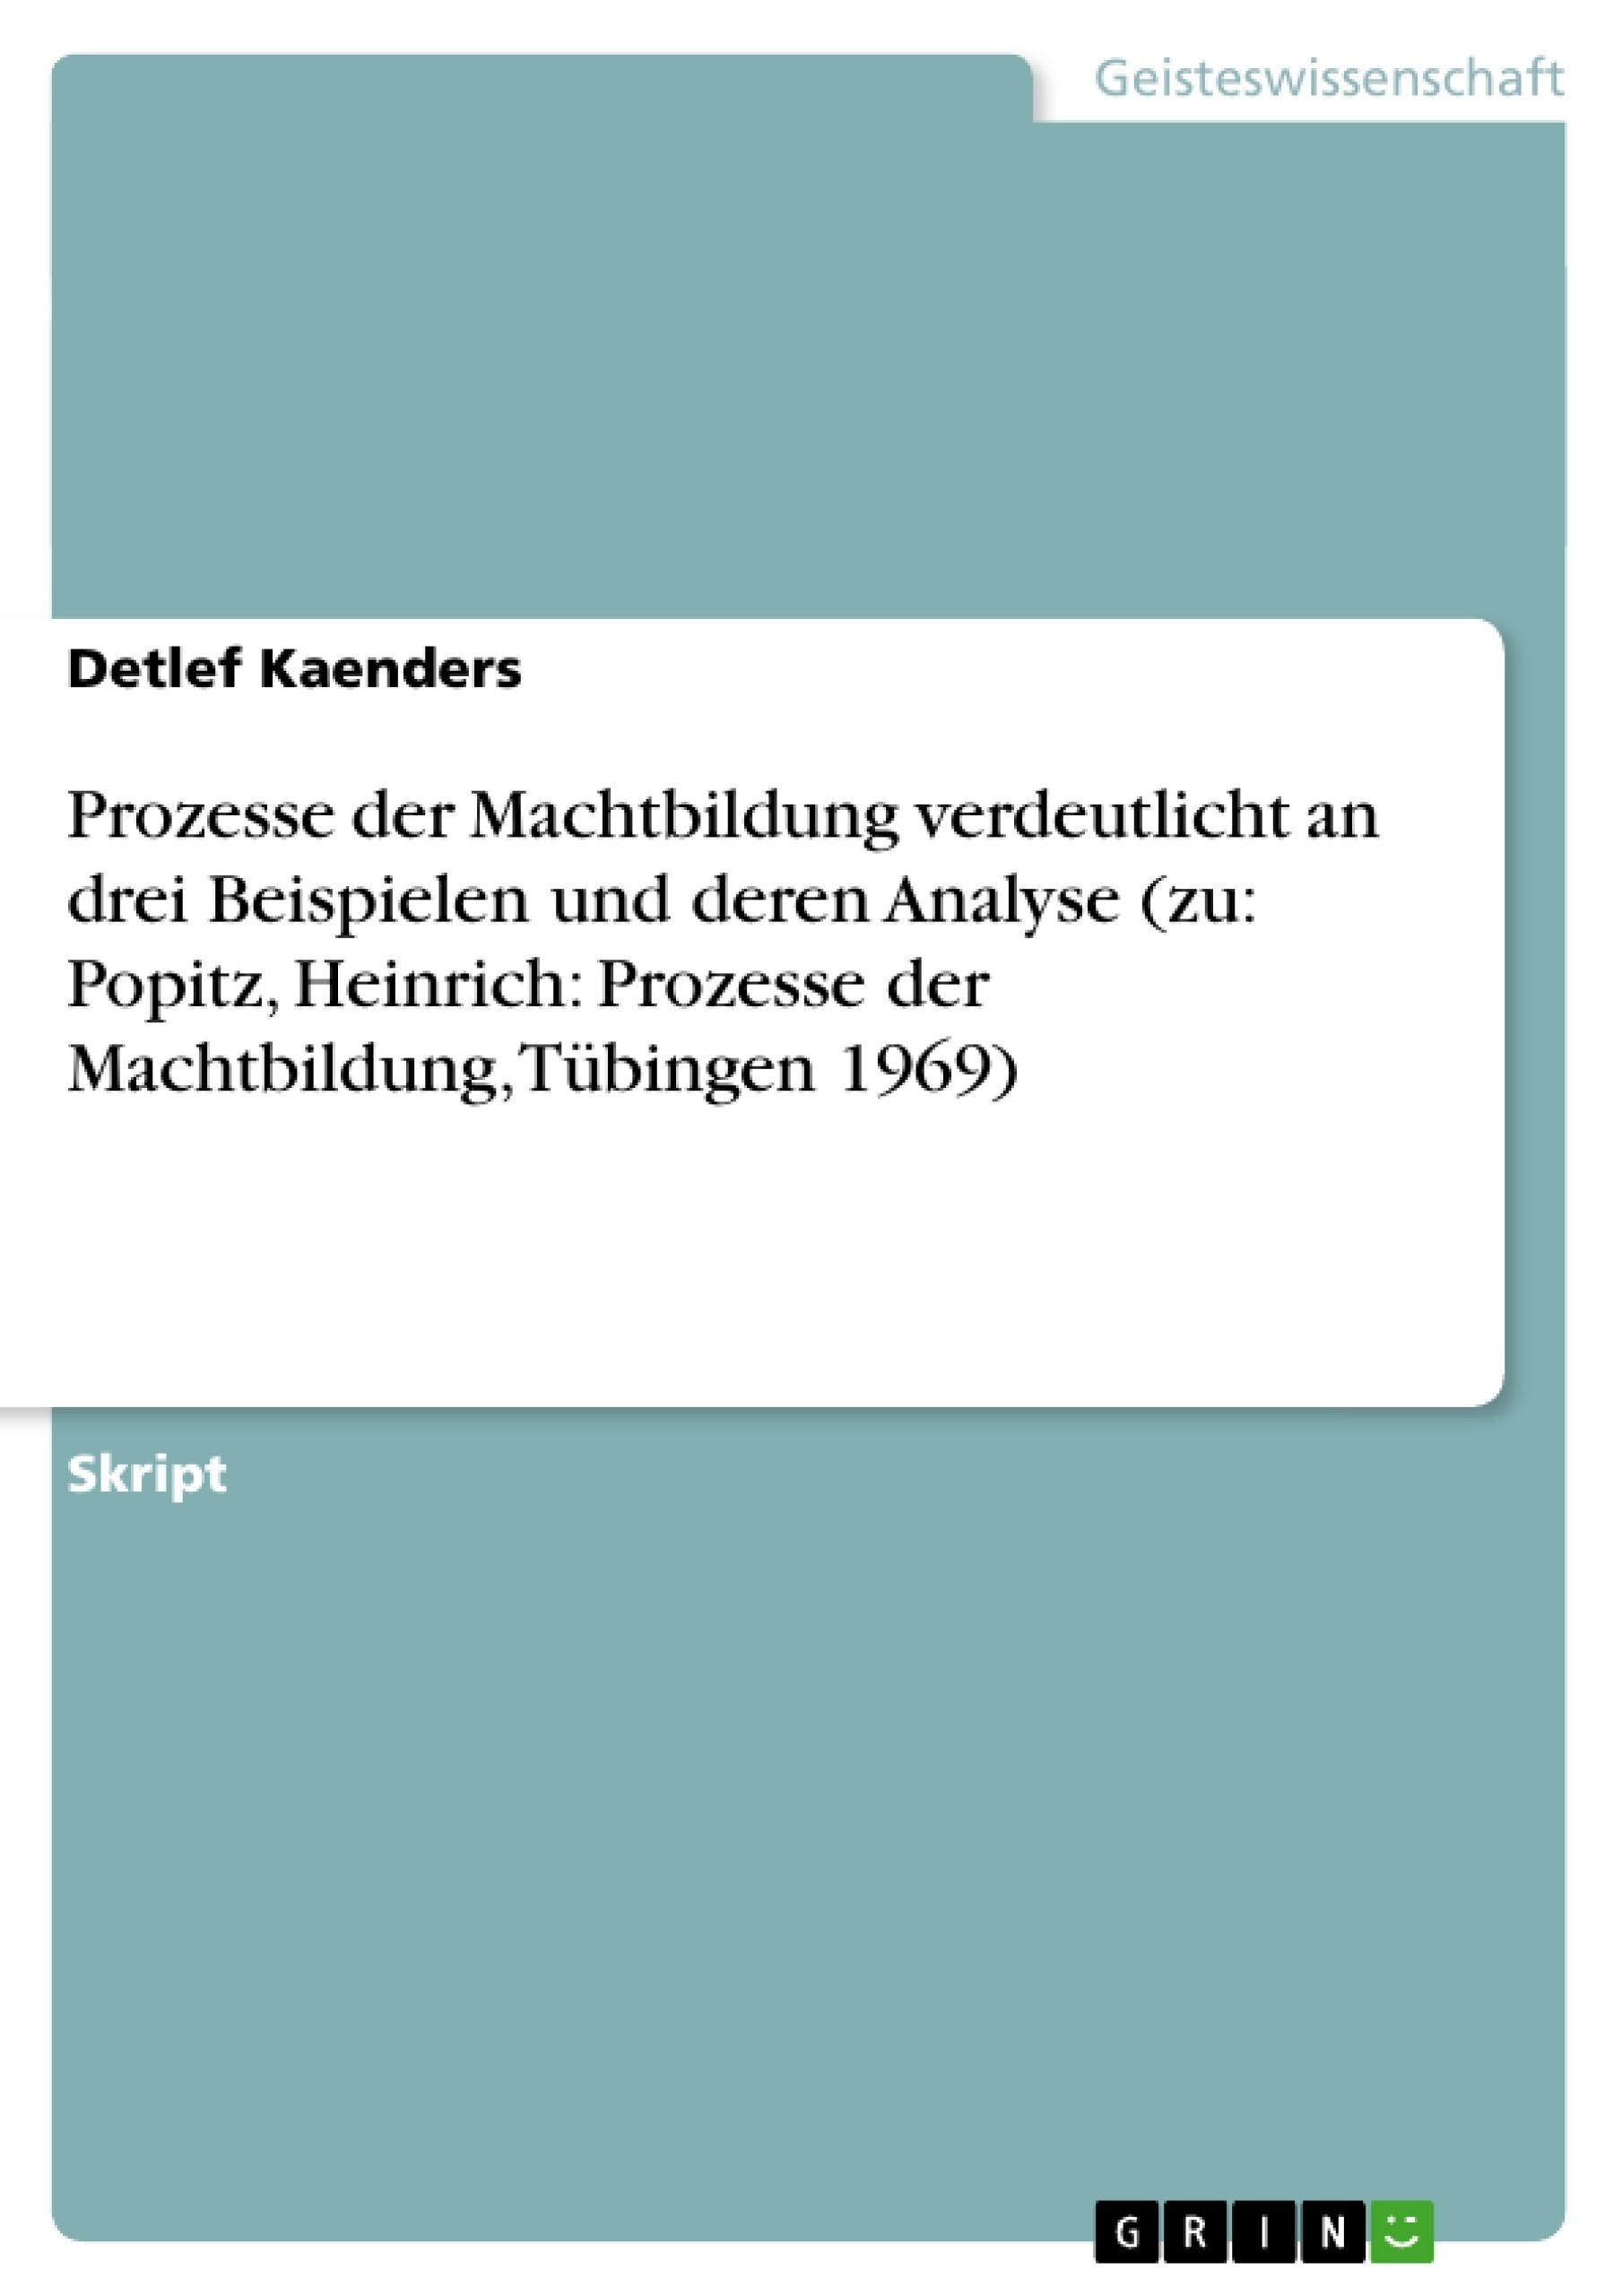 Titel: Prozesse der Machtbildung verdeutlicht an drei Beispielen und deren Analyse (zu: Popitz, Heinrich: Prozesse der Machtbildung, Tübingen 1969)